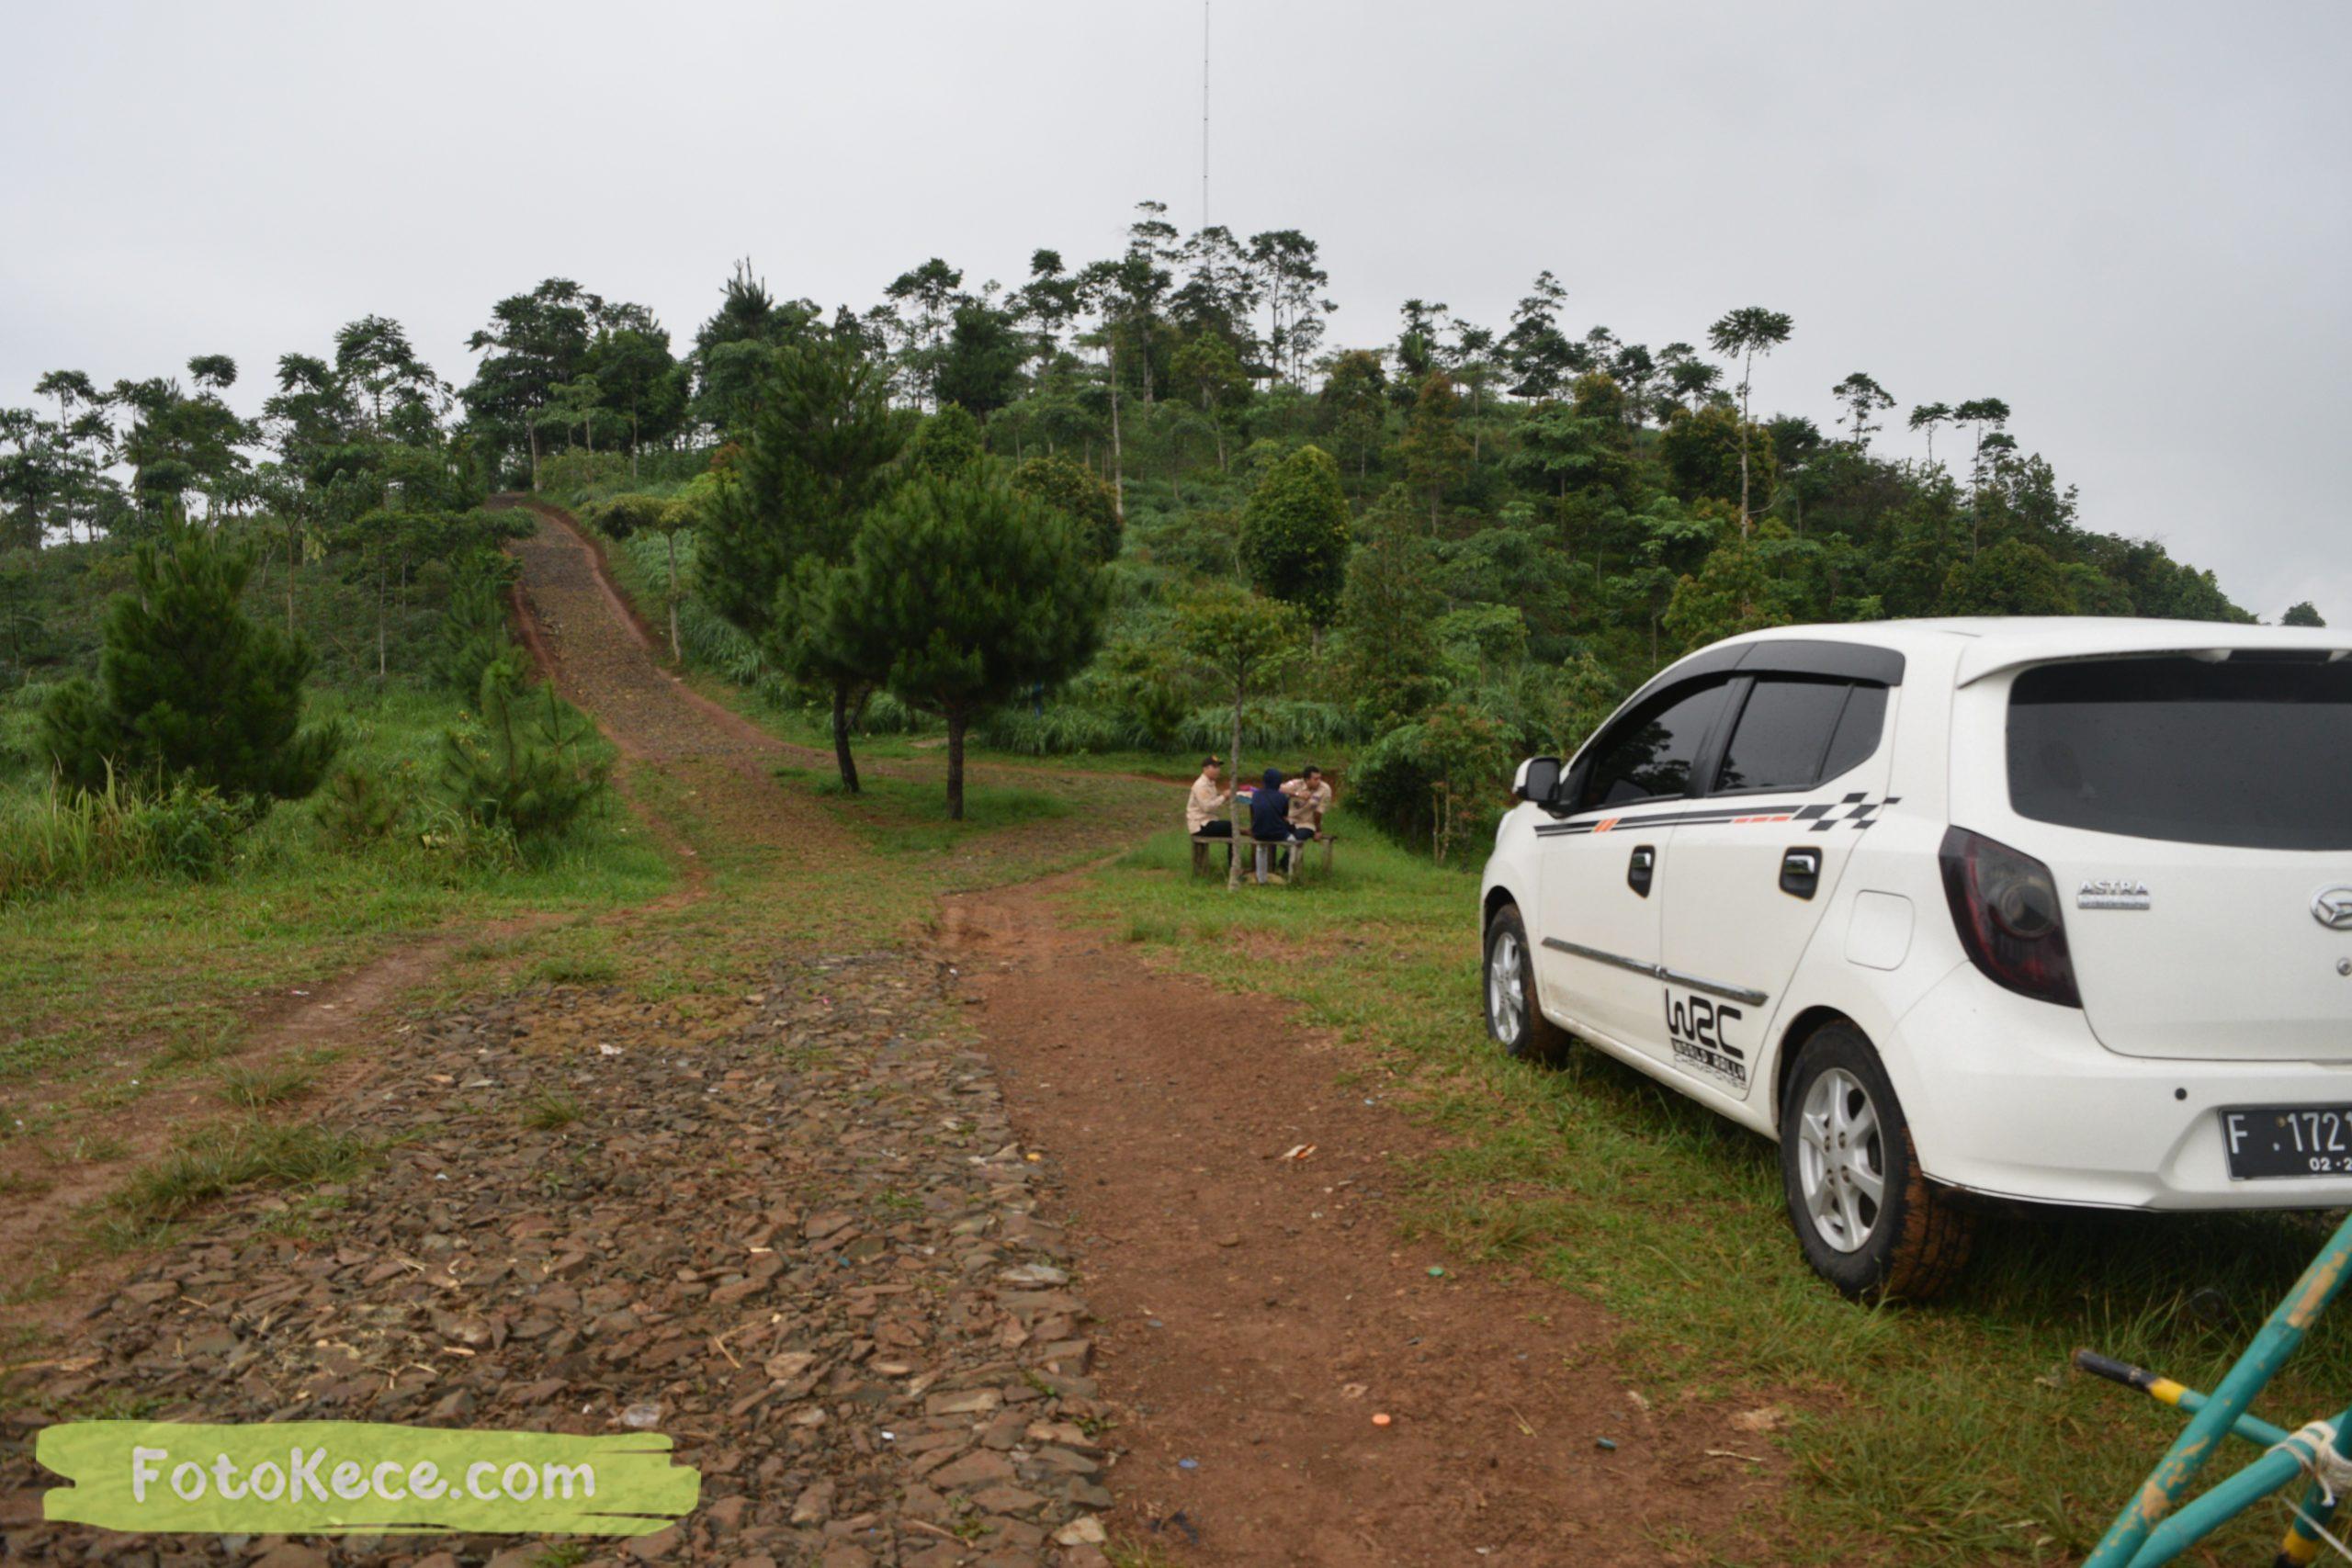 sebelum pembukaan perkemahan narakarya 1 mtsn 2 sukabumi 24 25 januari 2020 pramuka hebat puncak buluh foto kece 8 scaled